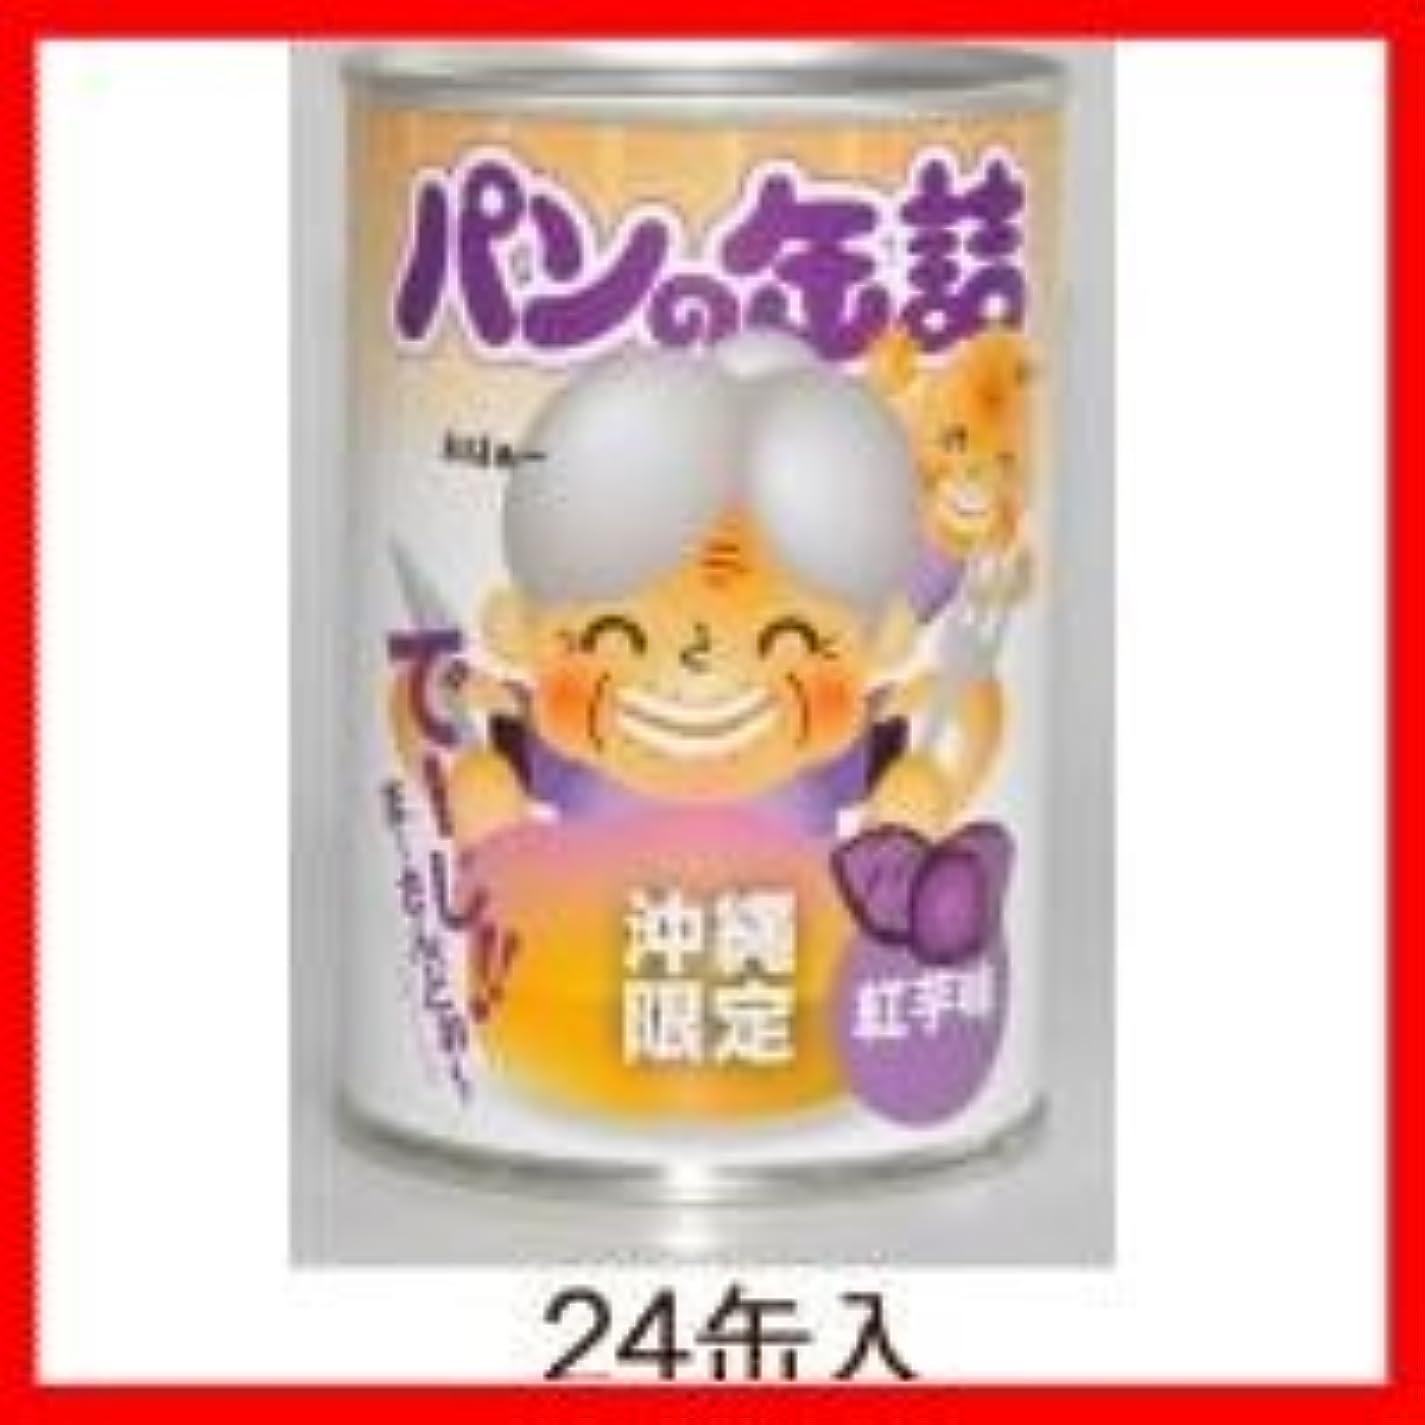 気をつけて十分な更新するアキモト パンの缶詰(紅芋味)100g 24缶入